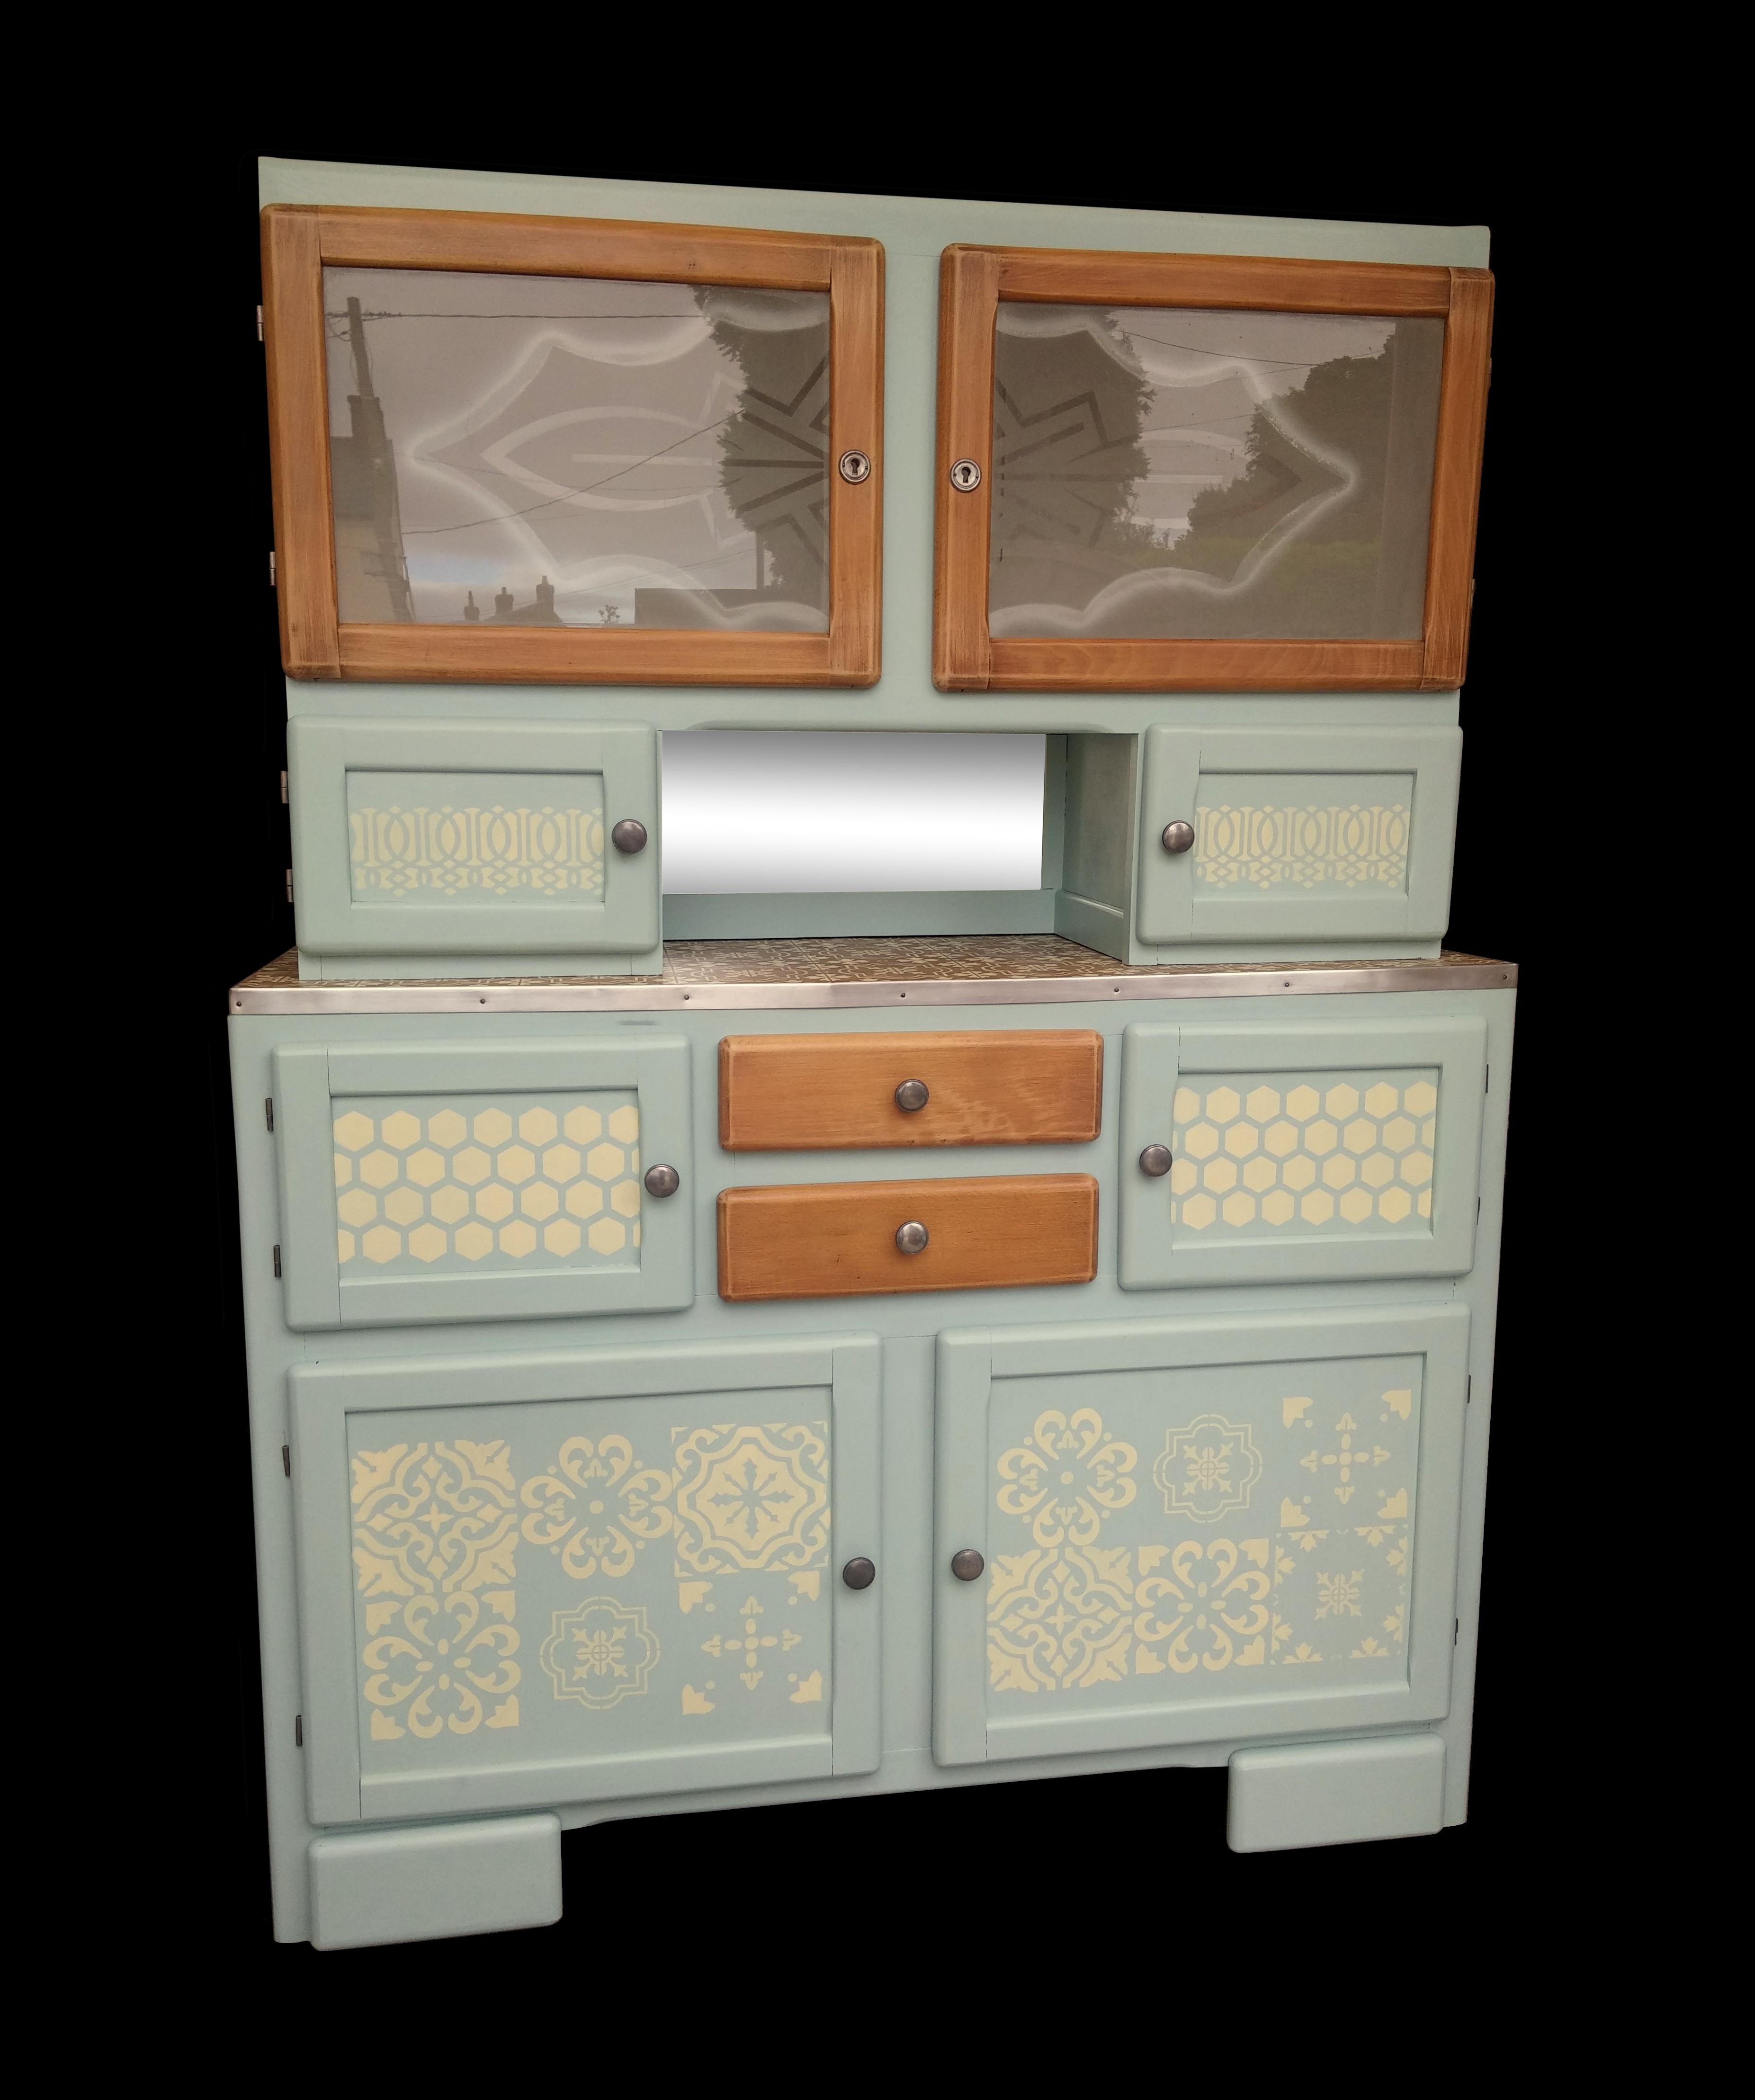 pochoir meuble bois charmant pochoir mural a peindre repeindre un meuble en bois peinture pour. Black Bedroom Furniture Sets. Home Design Ideas